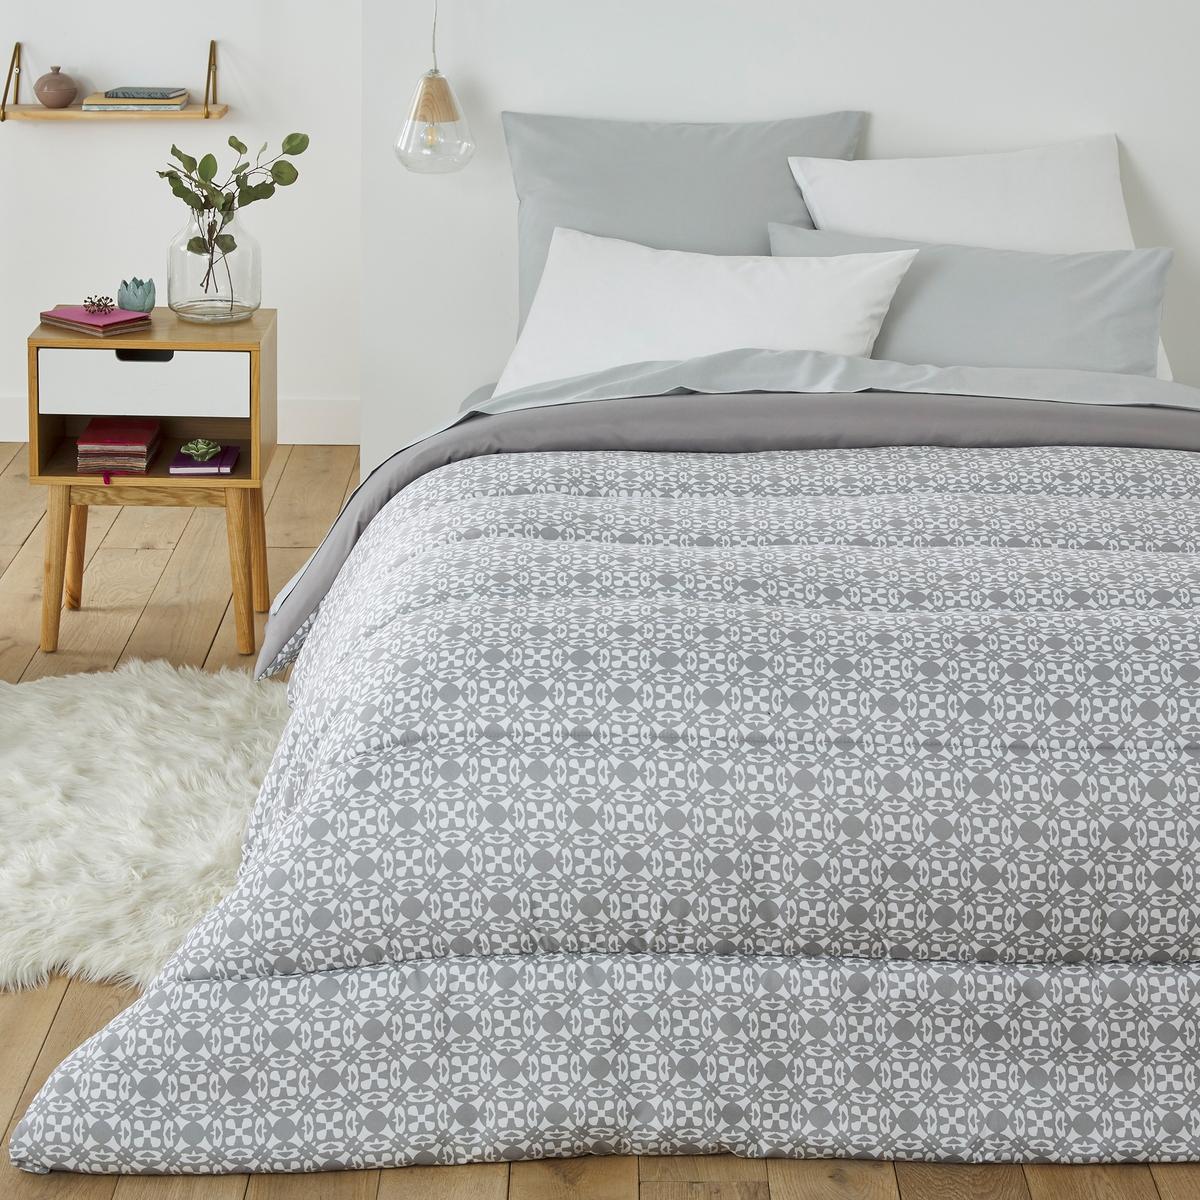 Фото - Одеяло LaRedoute С принтом Yucatan 140 x 200 см серый одеяло laredoute pratique 100 полиэстер высшего качества 200 x 200 см белый